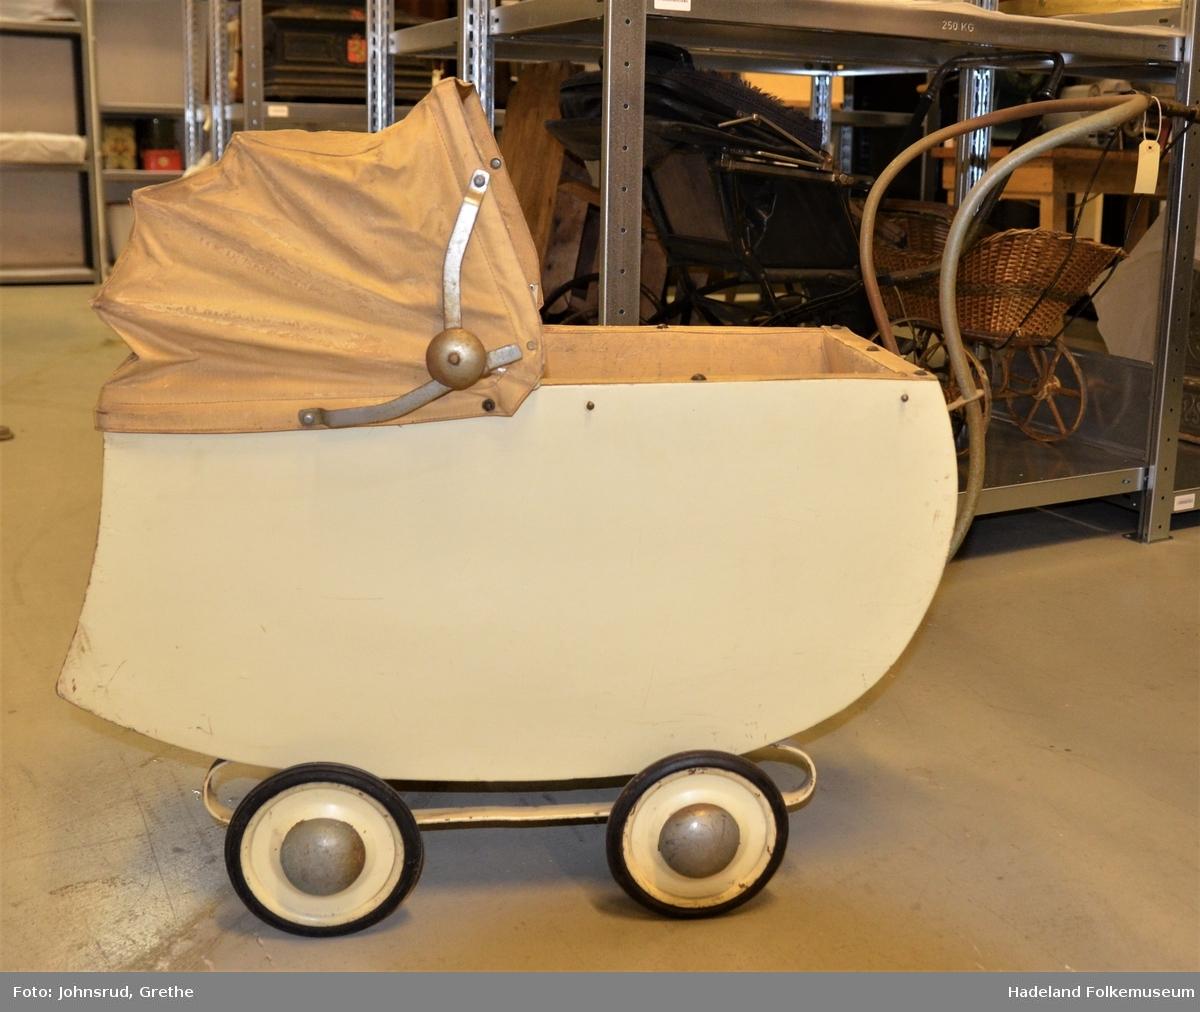 Kalesje med metallspiler, plast på innsiden av bagen, Vogn i finèr, understell i metall, fire hjul med svart gummi, produsentmerke.